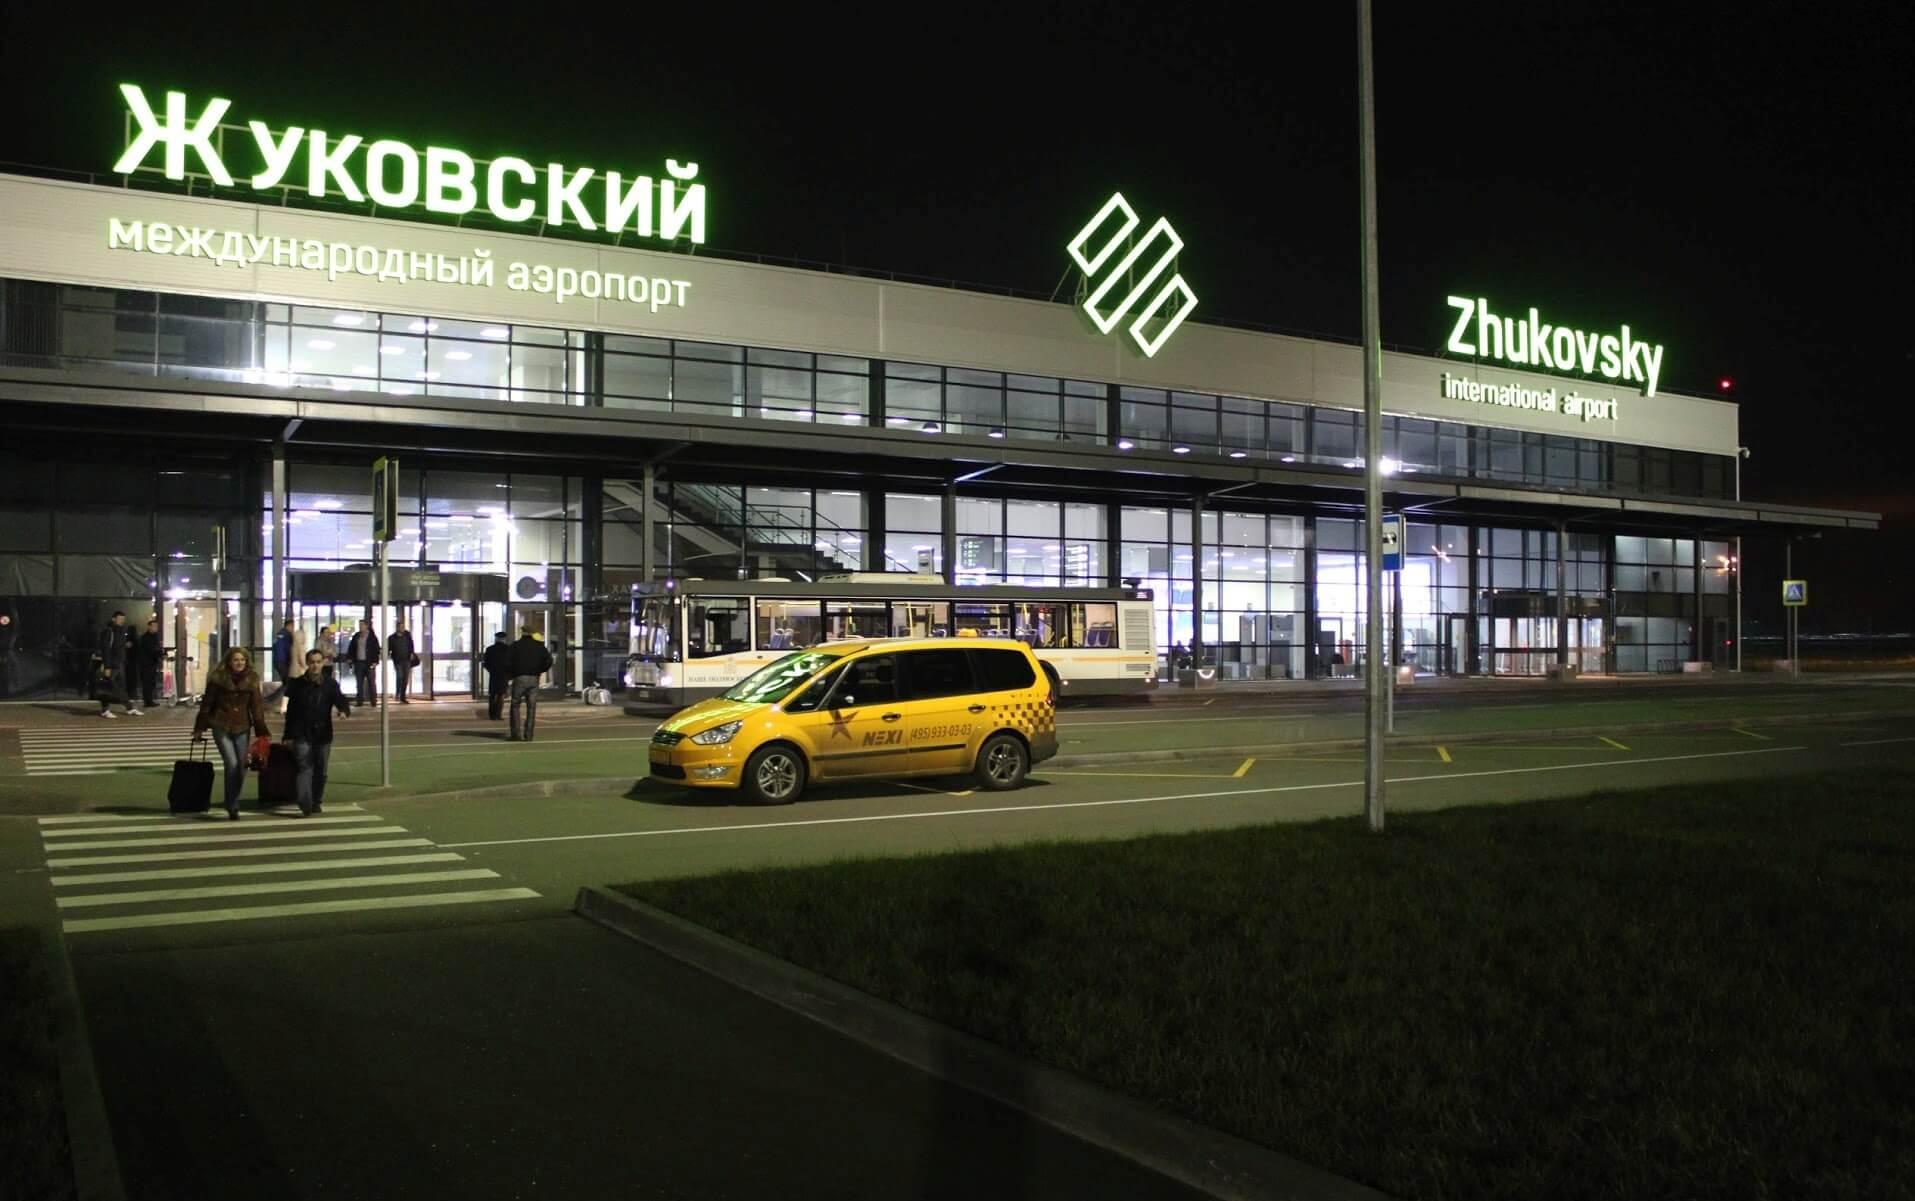 Аэропорт жуковский расположен в москве